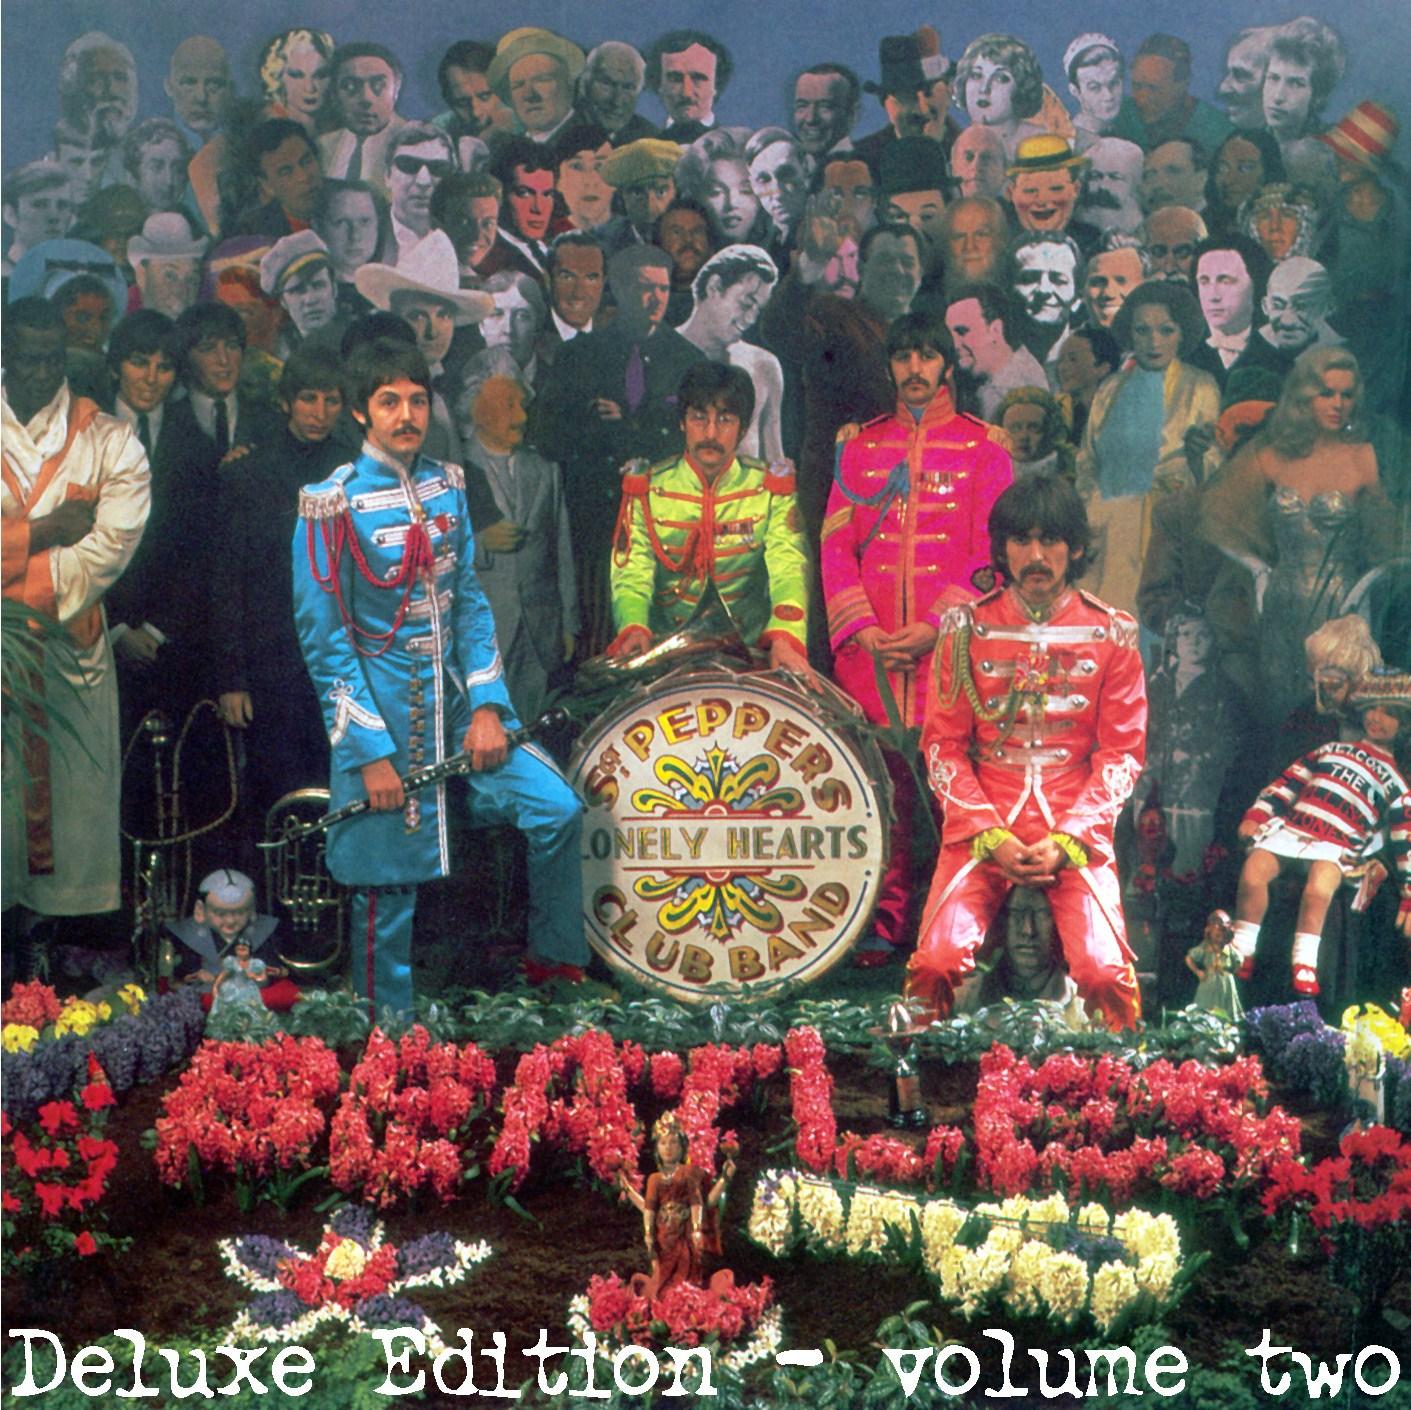 http://2.bp.blogspot.com/-DxAULvx4mdM/TbWL9JOOMNI/AAAAAAAABM0/M47dukfAez0/s1600/Beatles-SgtPepper-Deluxe2-front2.jpg